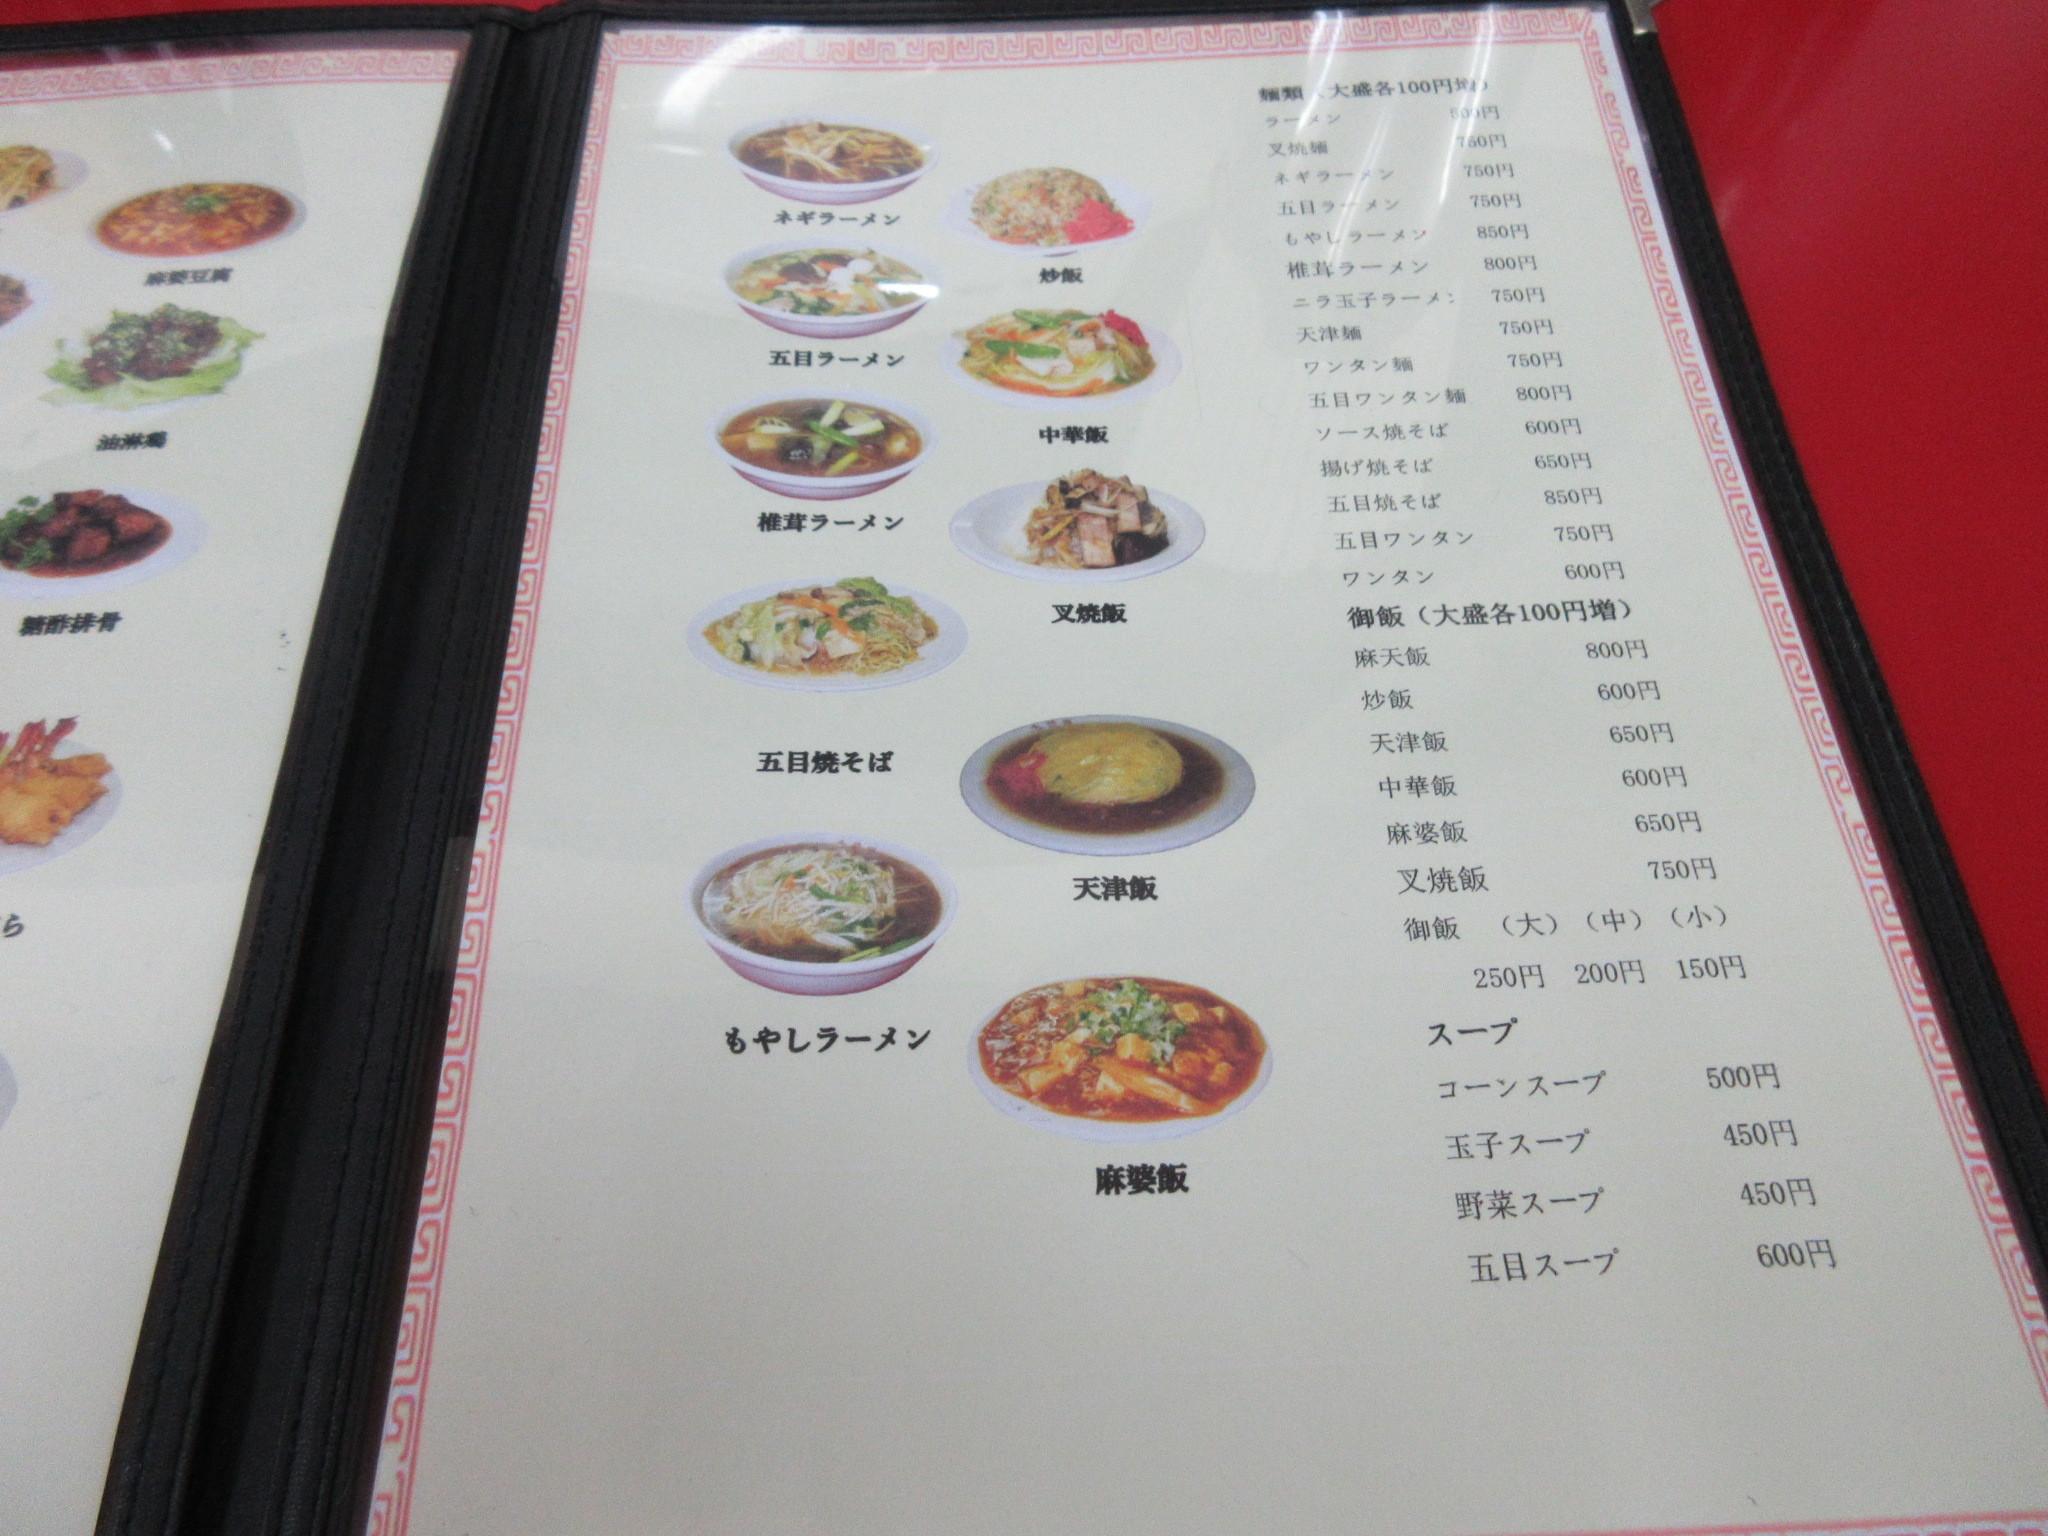 メニュー 麺・飯類